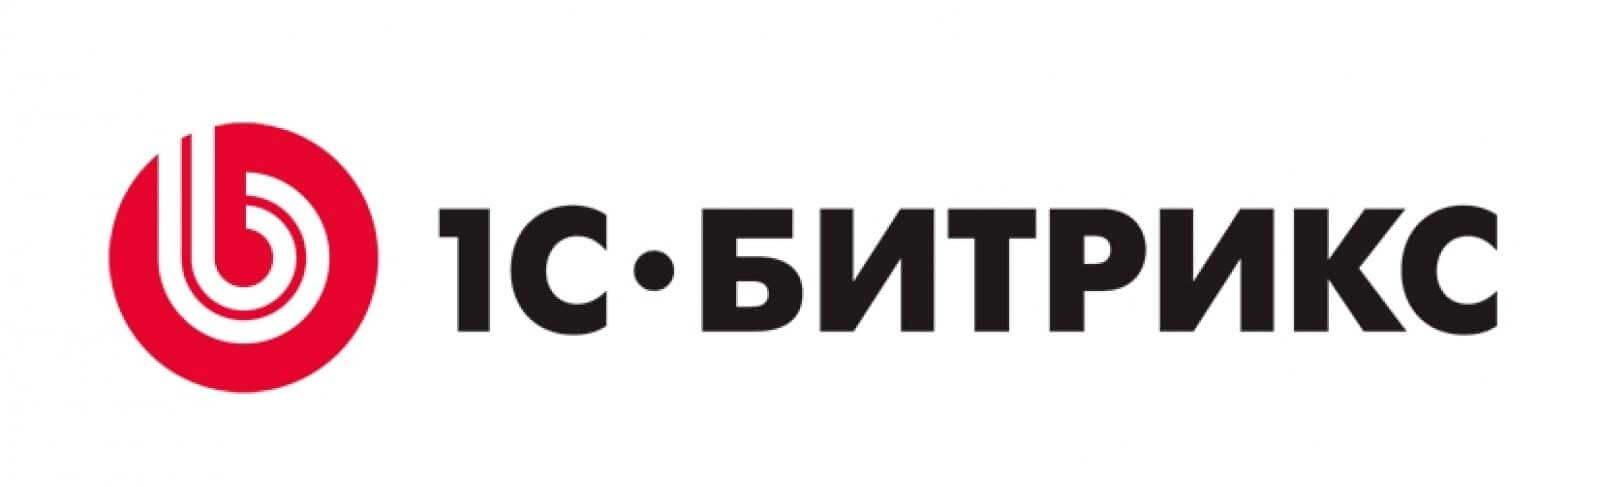 Модуль для 1С-Битрикс